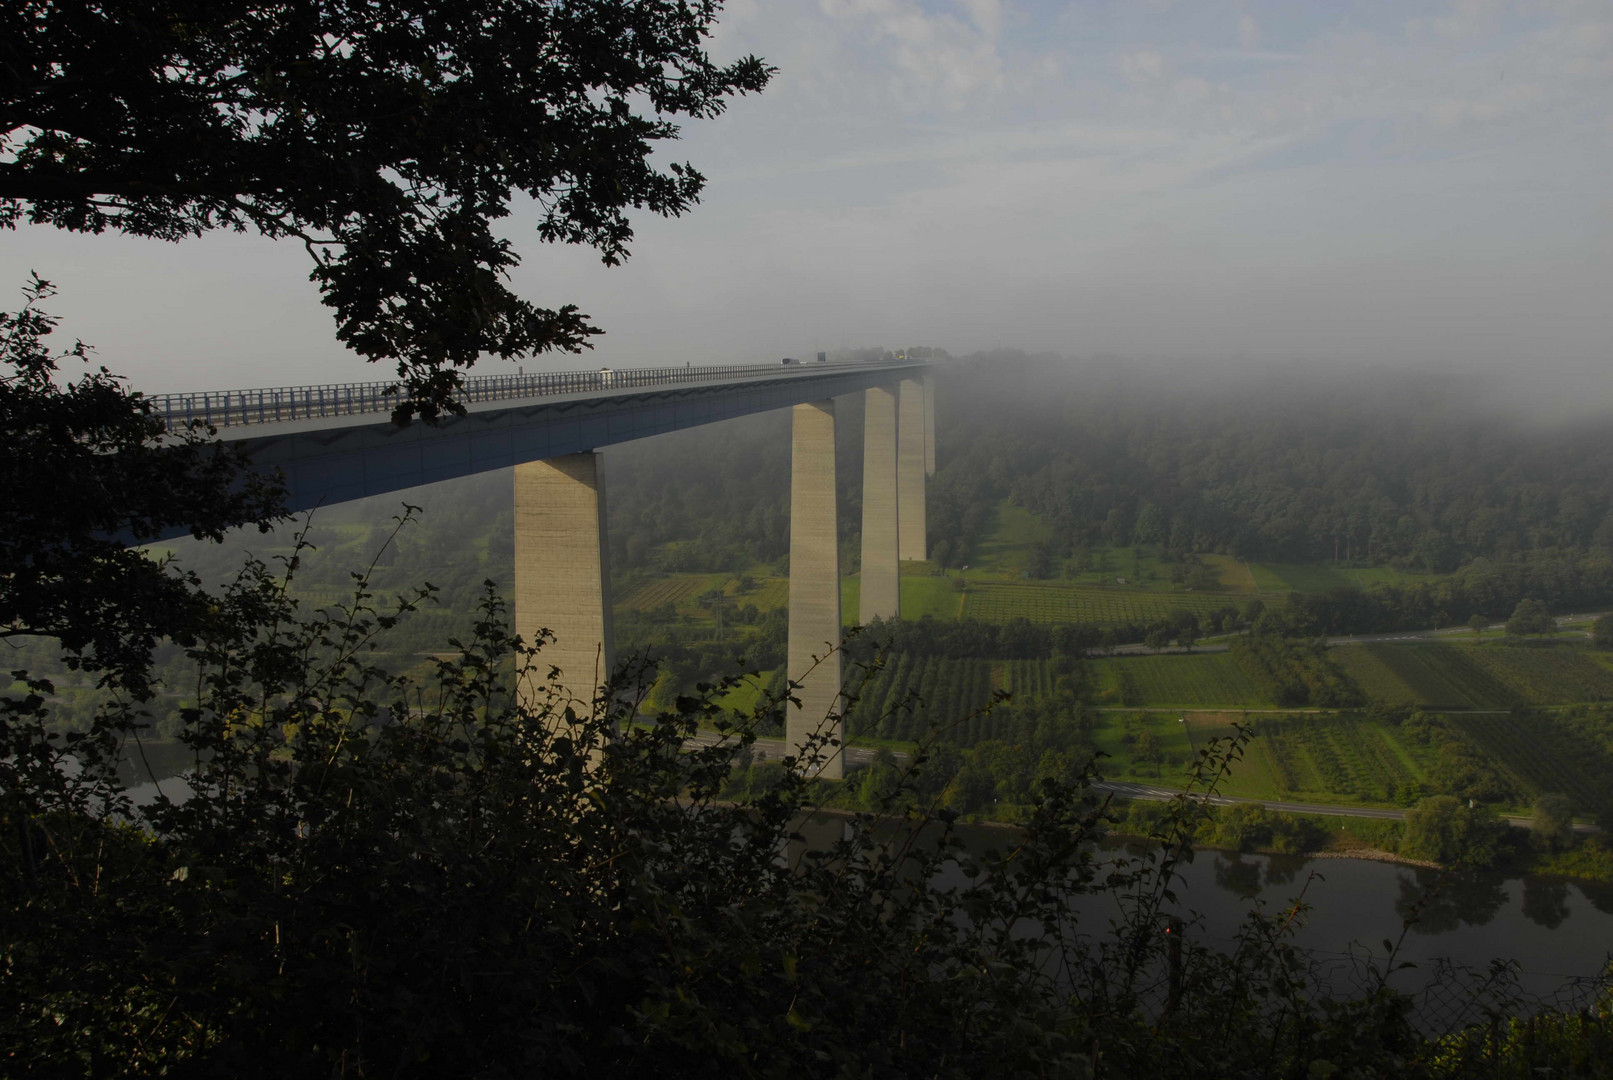 Brücke im Morgennebel